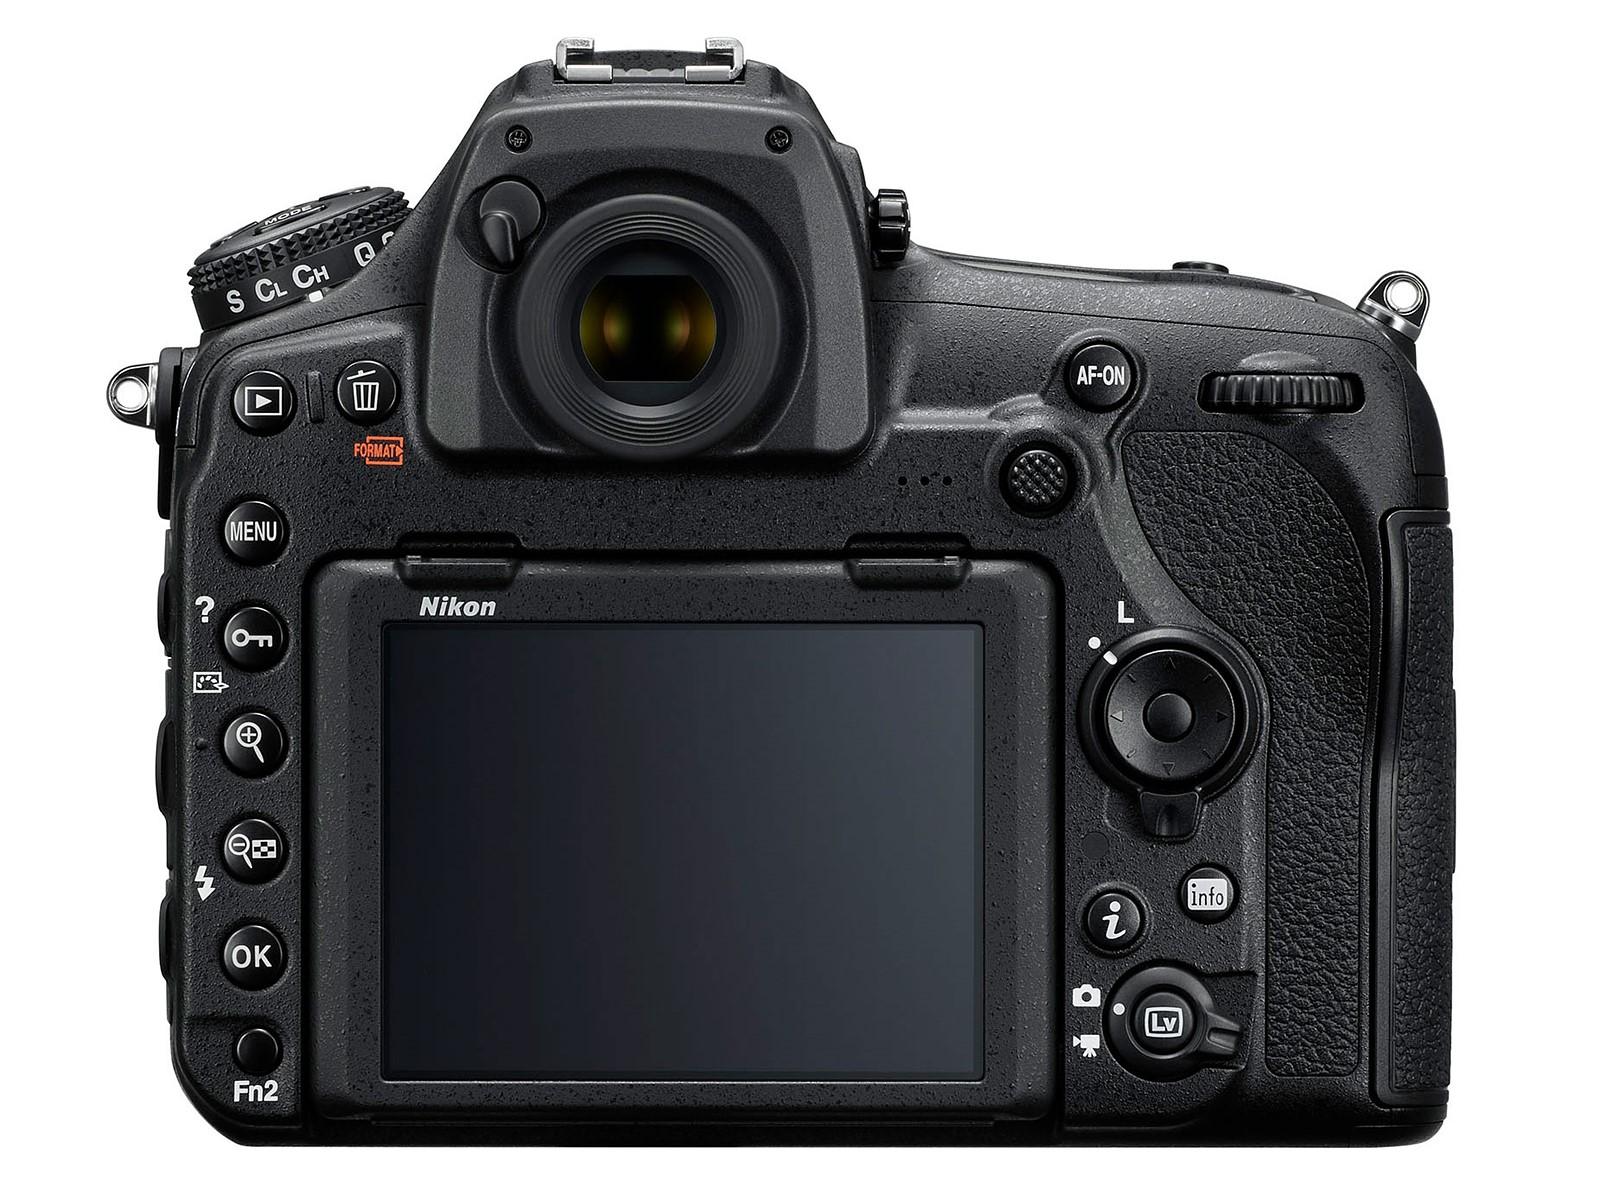 e86e754139a4 Részletes bemutatás: Nikon D850 - FotóSarok Blog